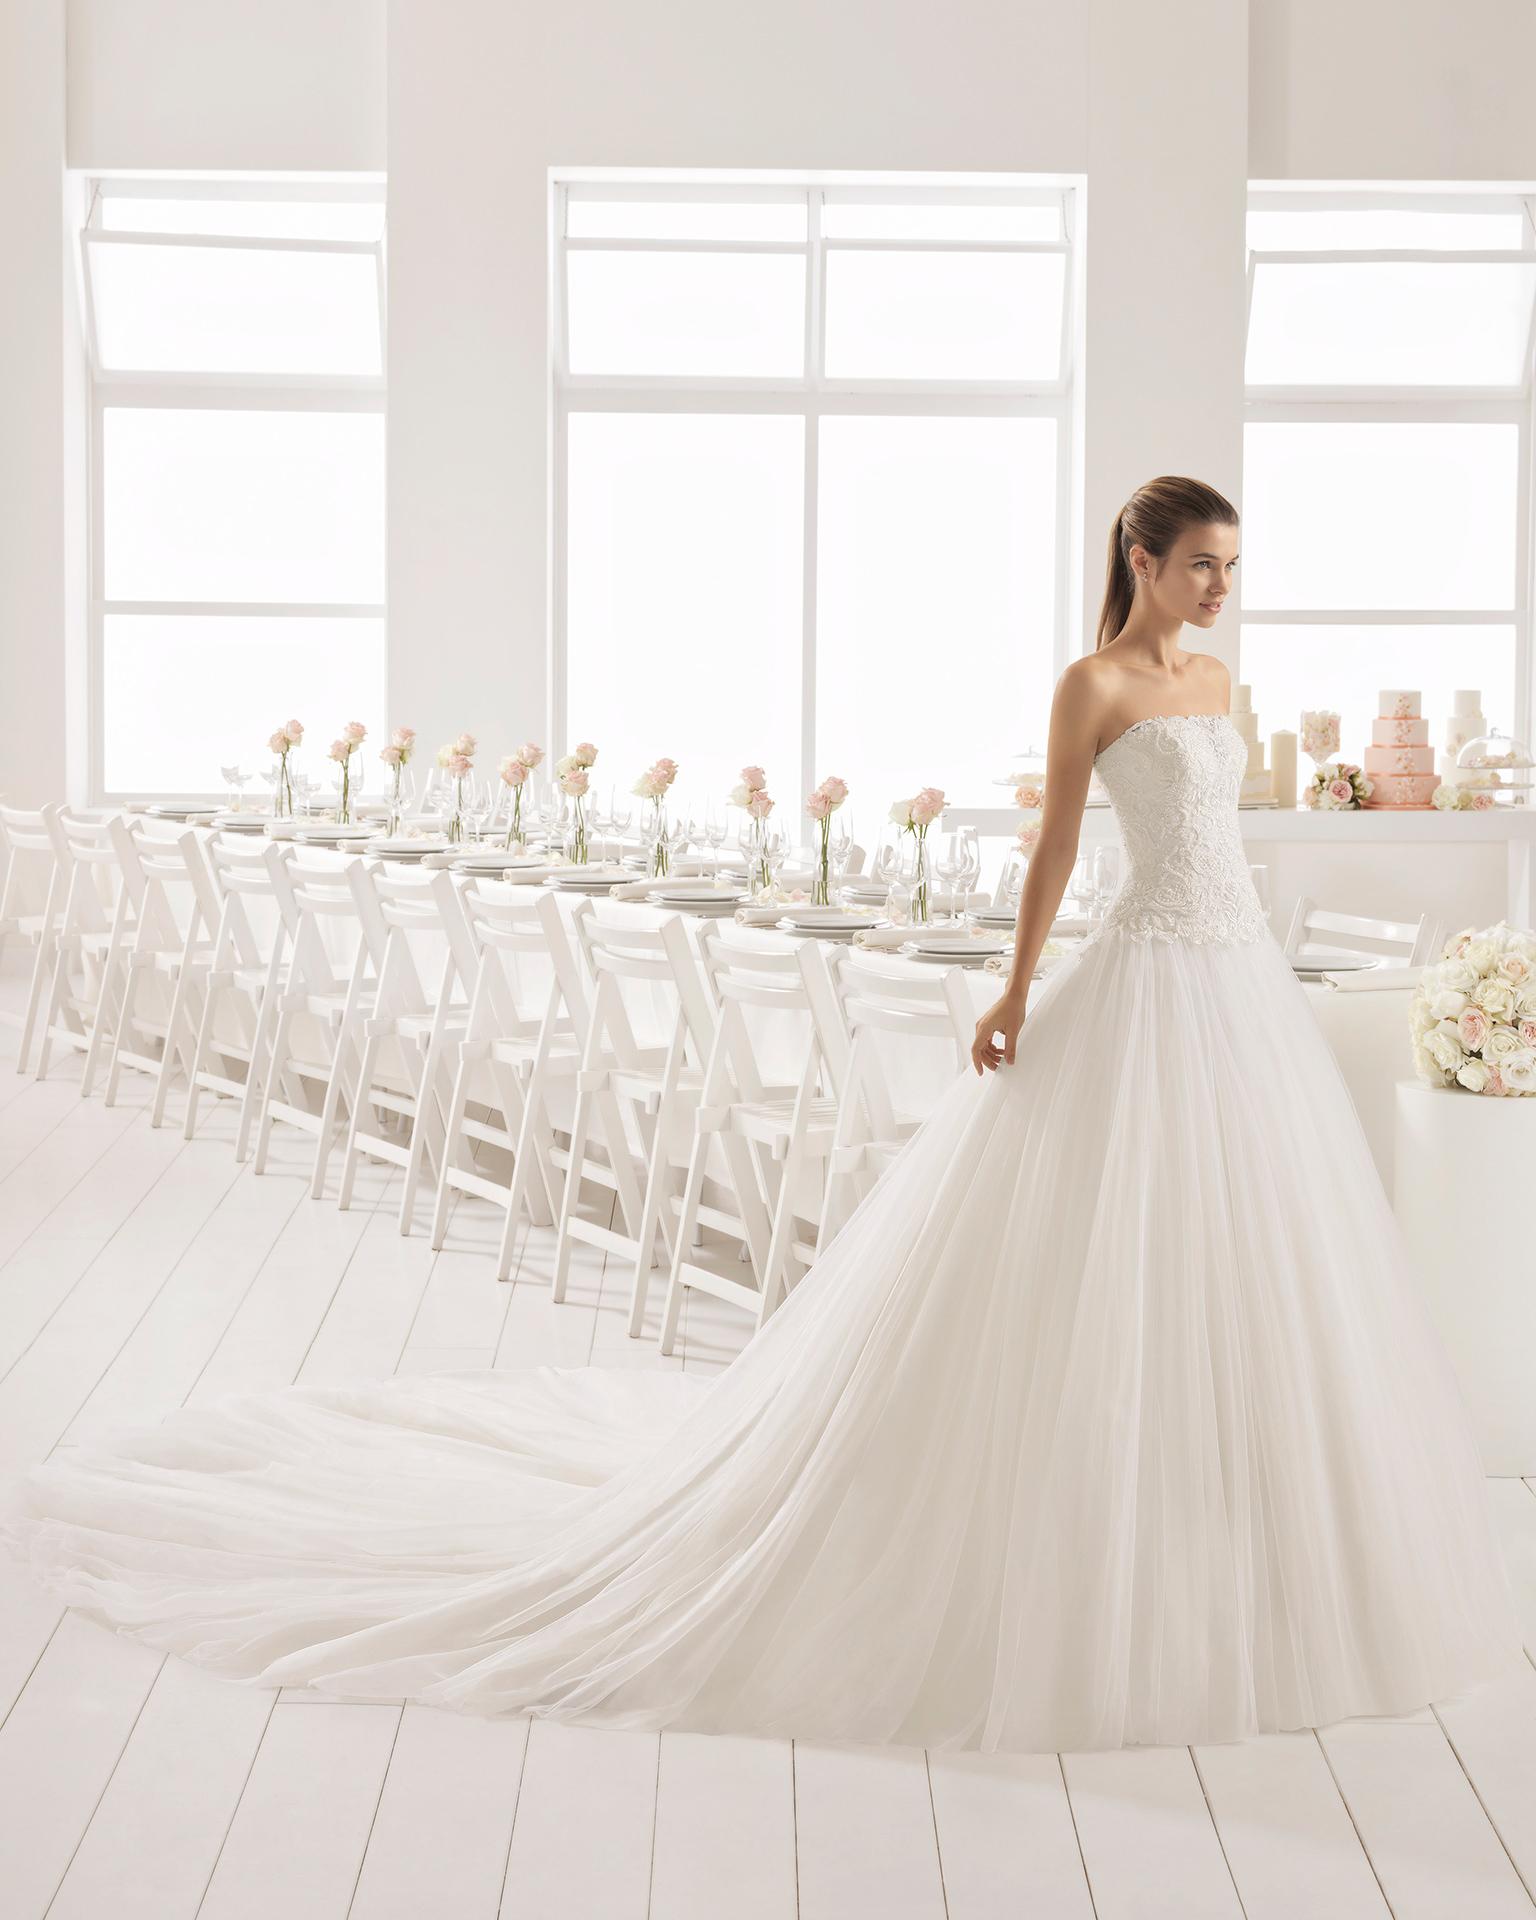 Rochie de mireasă în stil romantic din tul, dantelă și strasuri, cu decolteu fără bretele cu fustă cu volum.